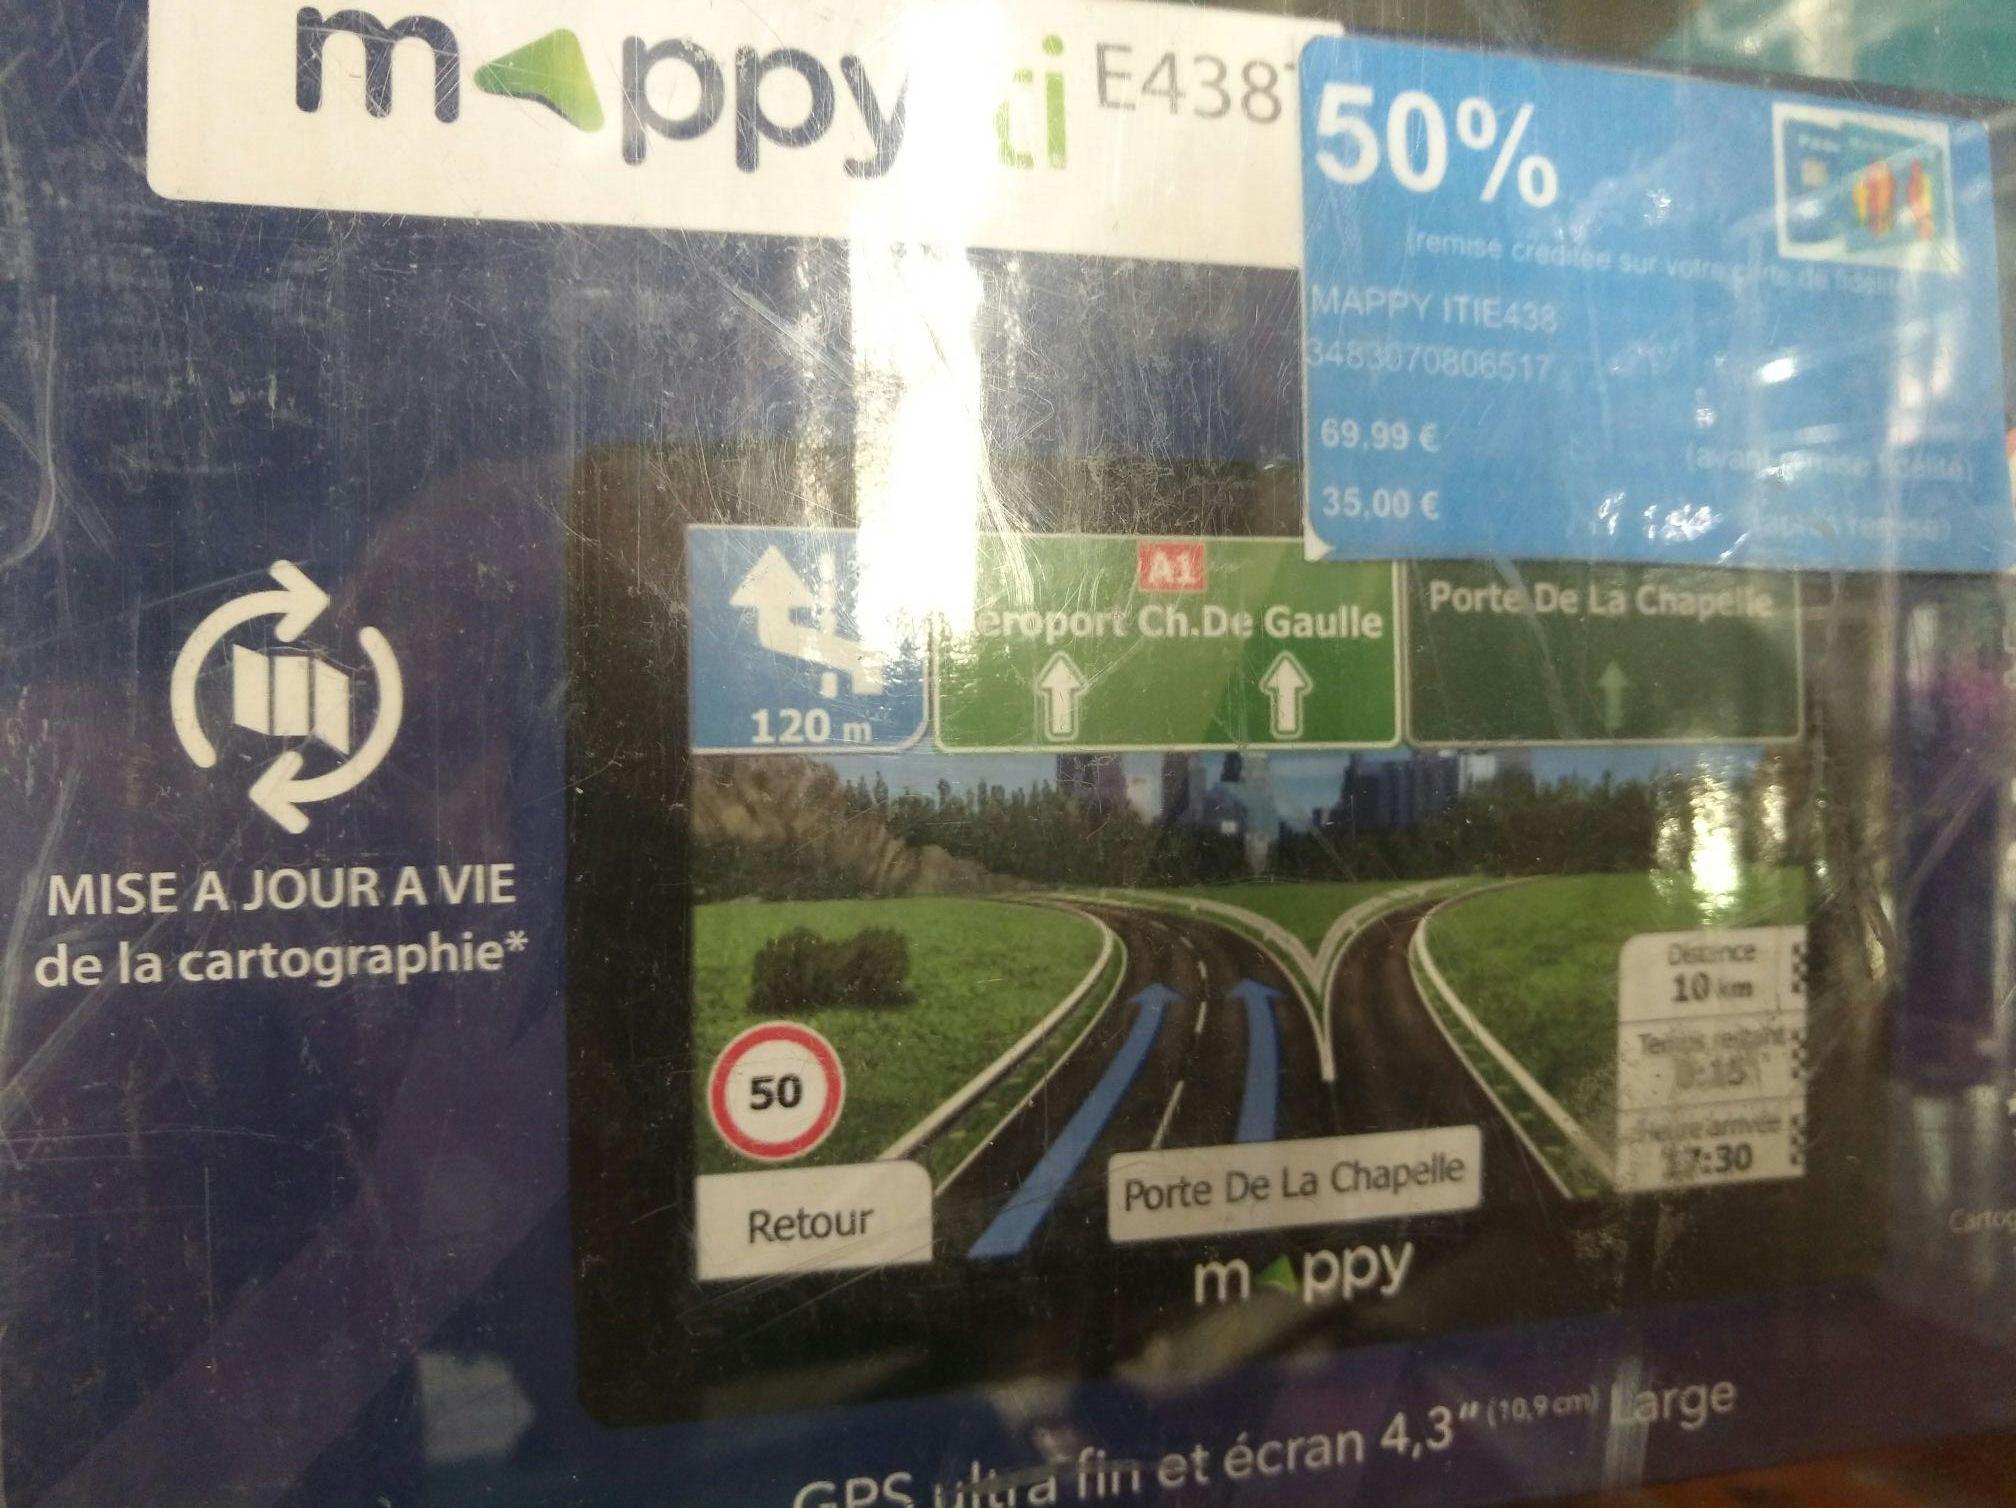 GPS Mappy ITIE438 (via 34.99€ sur la carte fidélité)